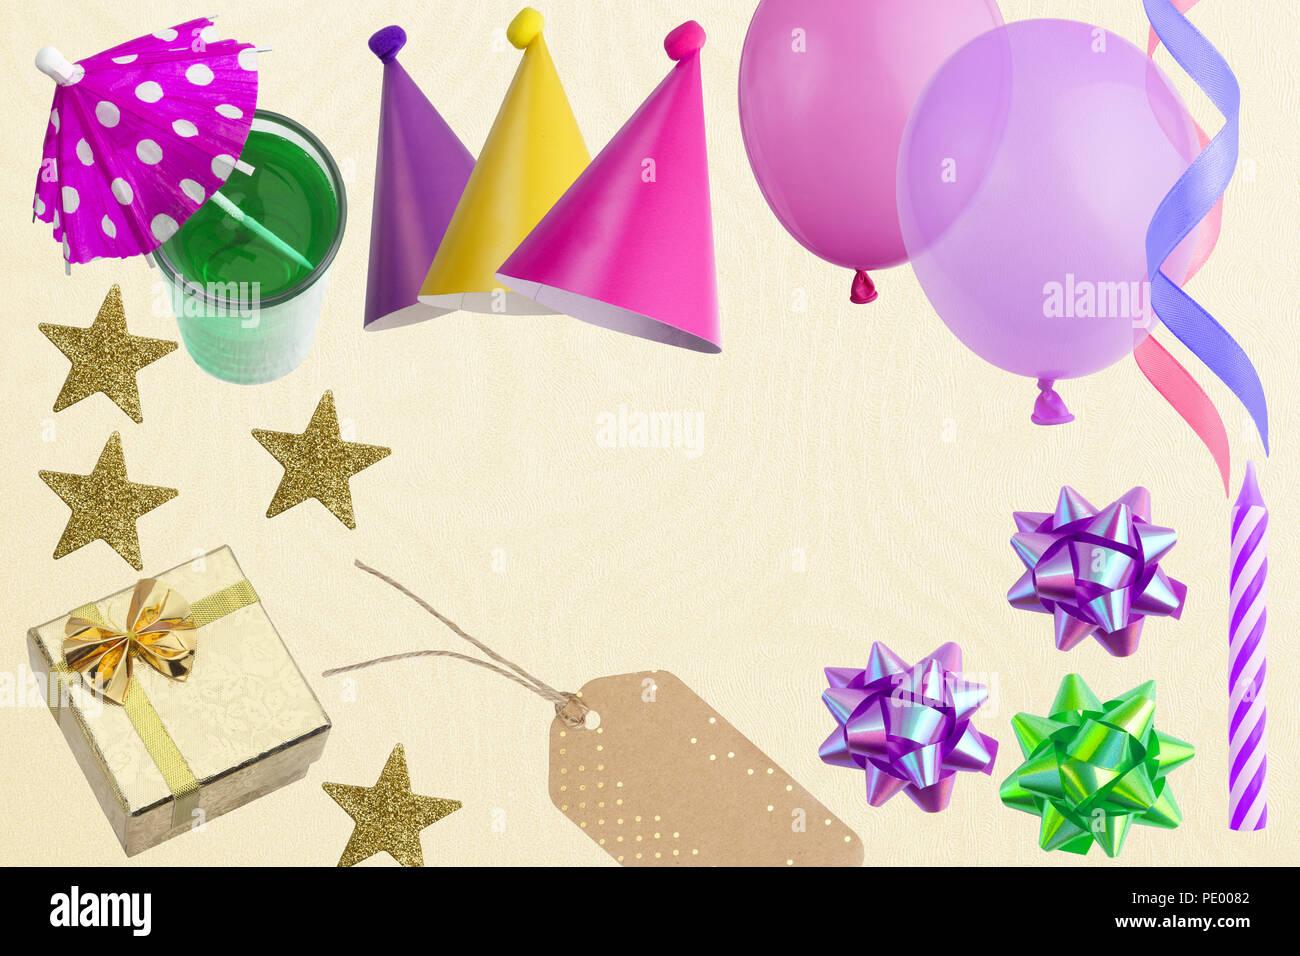 Urlaub Rahmen Oder Hintergrund Mit Bunten Ballons Geschenk Flach